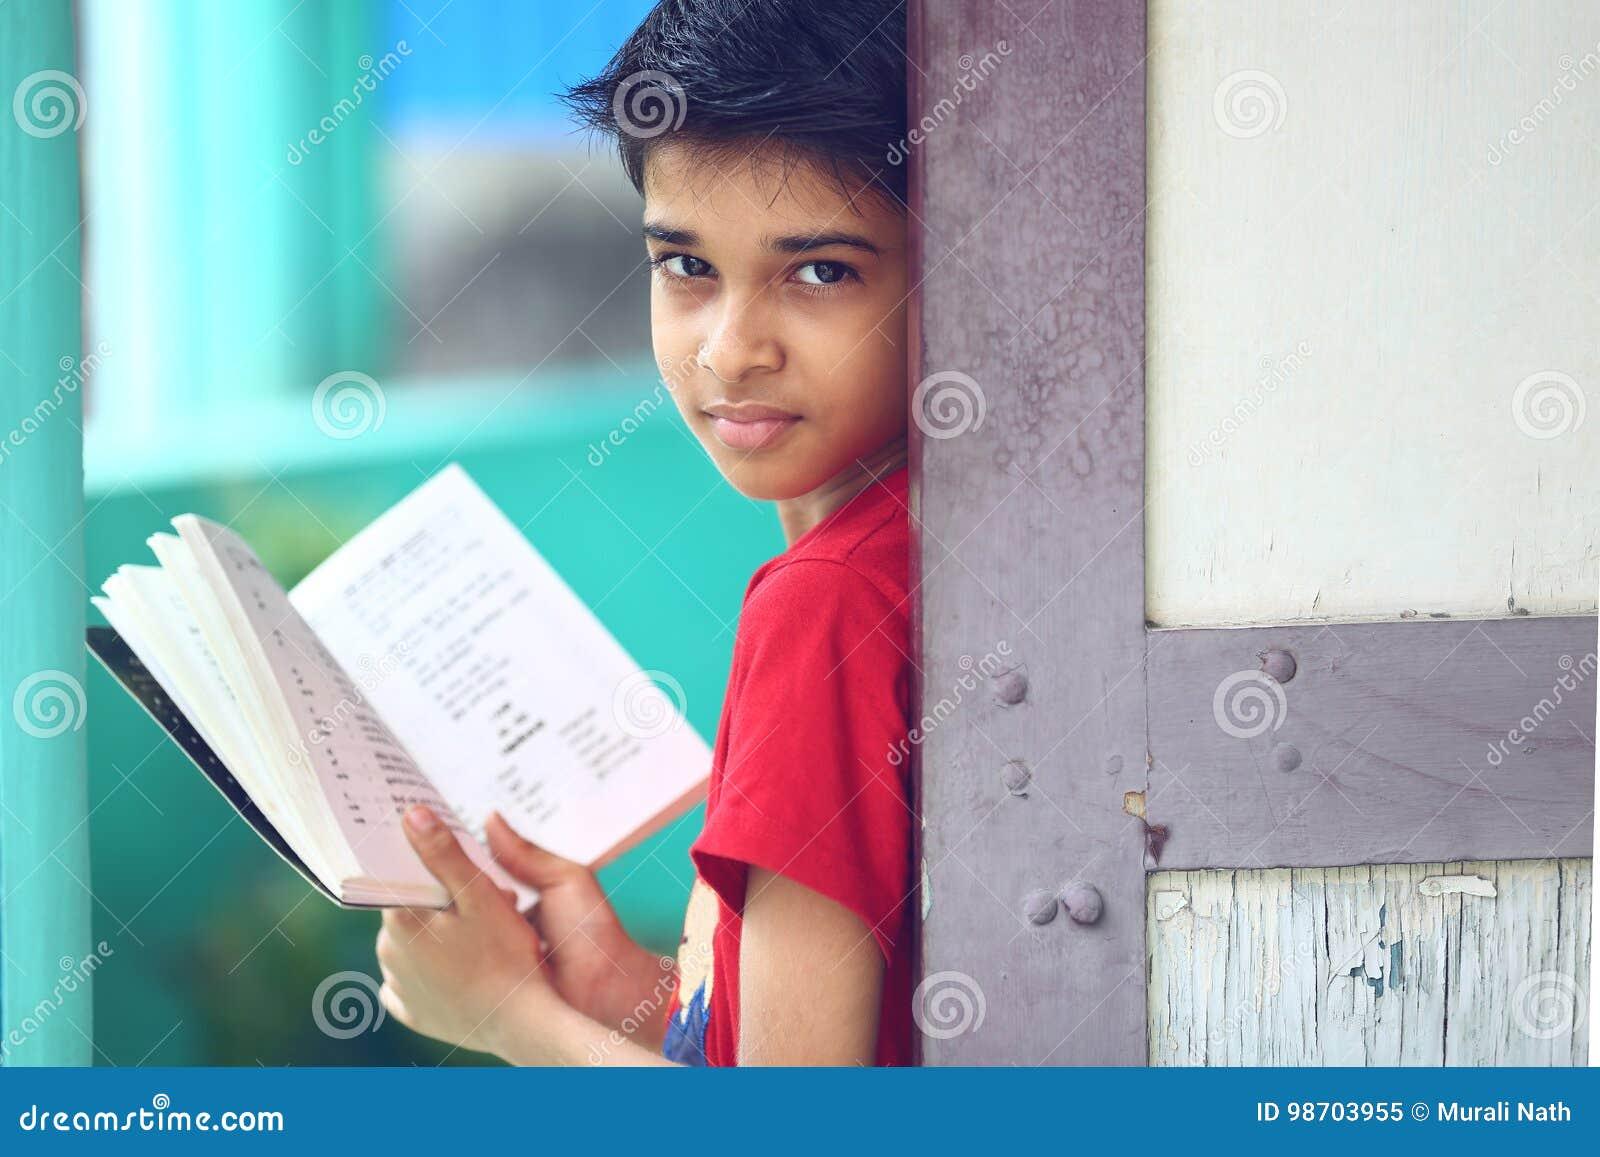 Indiano Little Boy com livro de texto